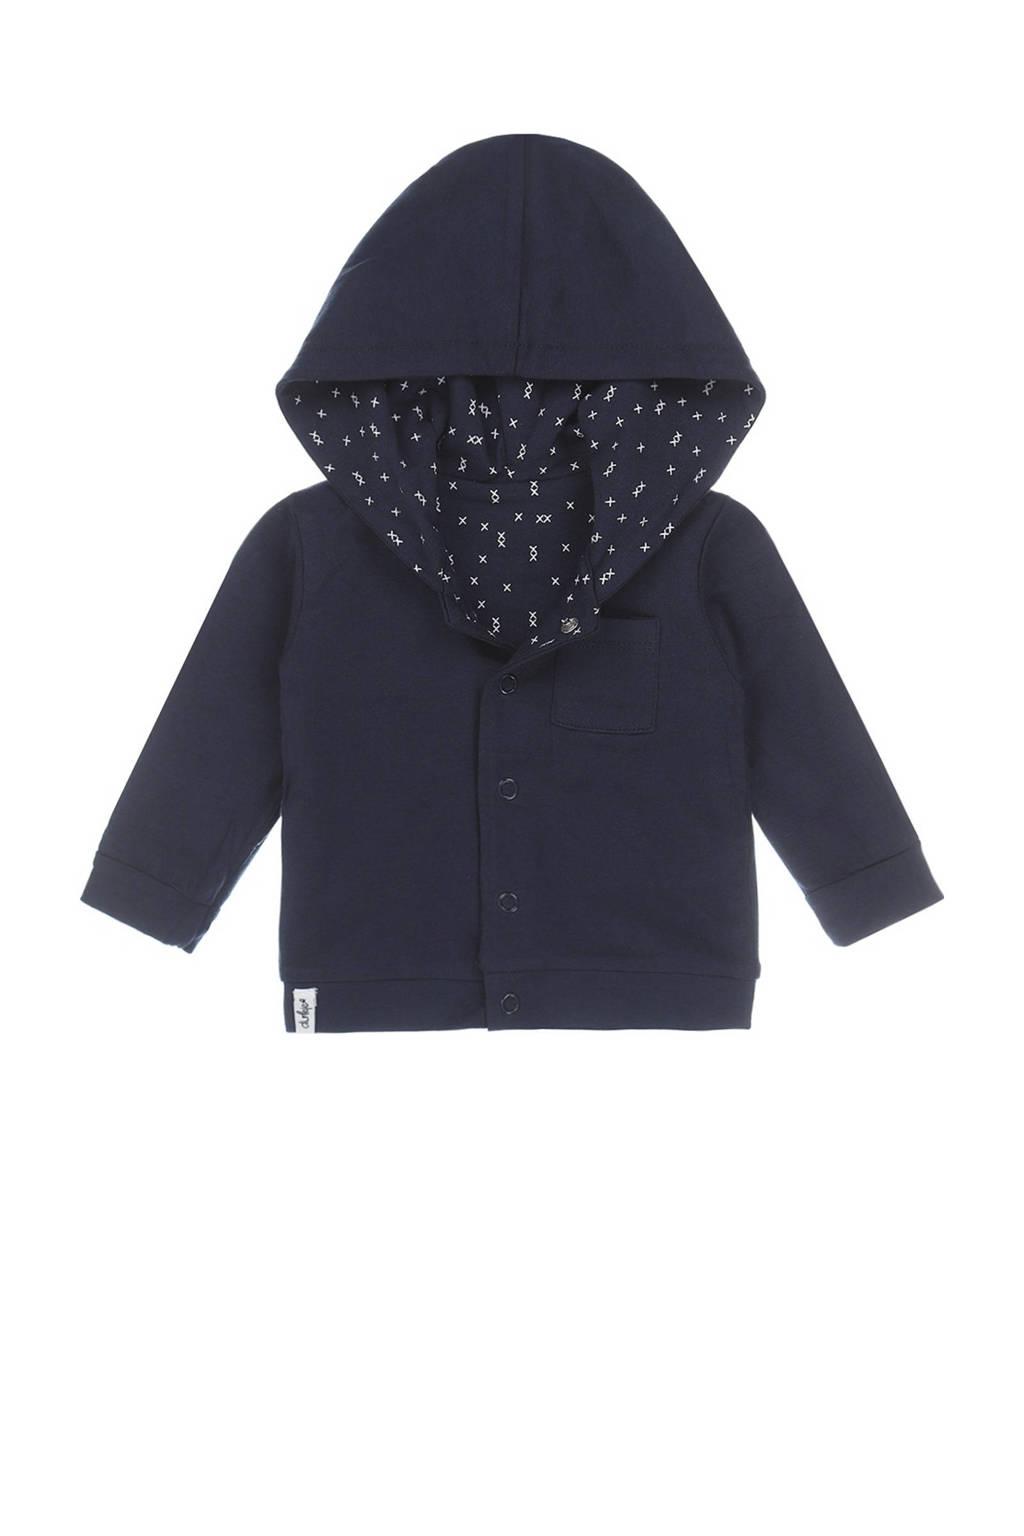 Dirkje baby vest met biologisch katoen donkerblauw/wit, Donkerblauw/wit